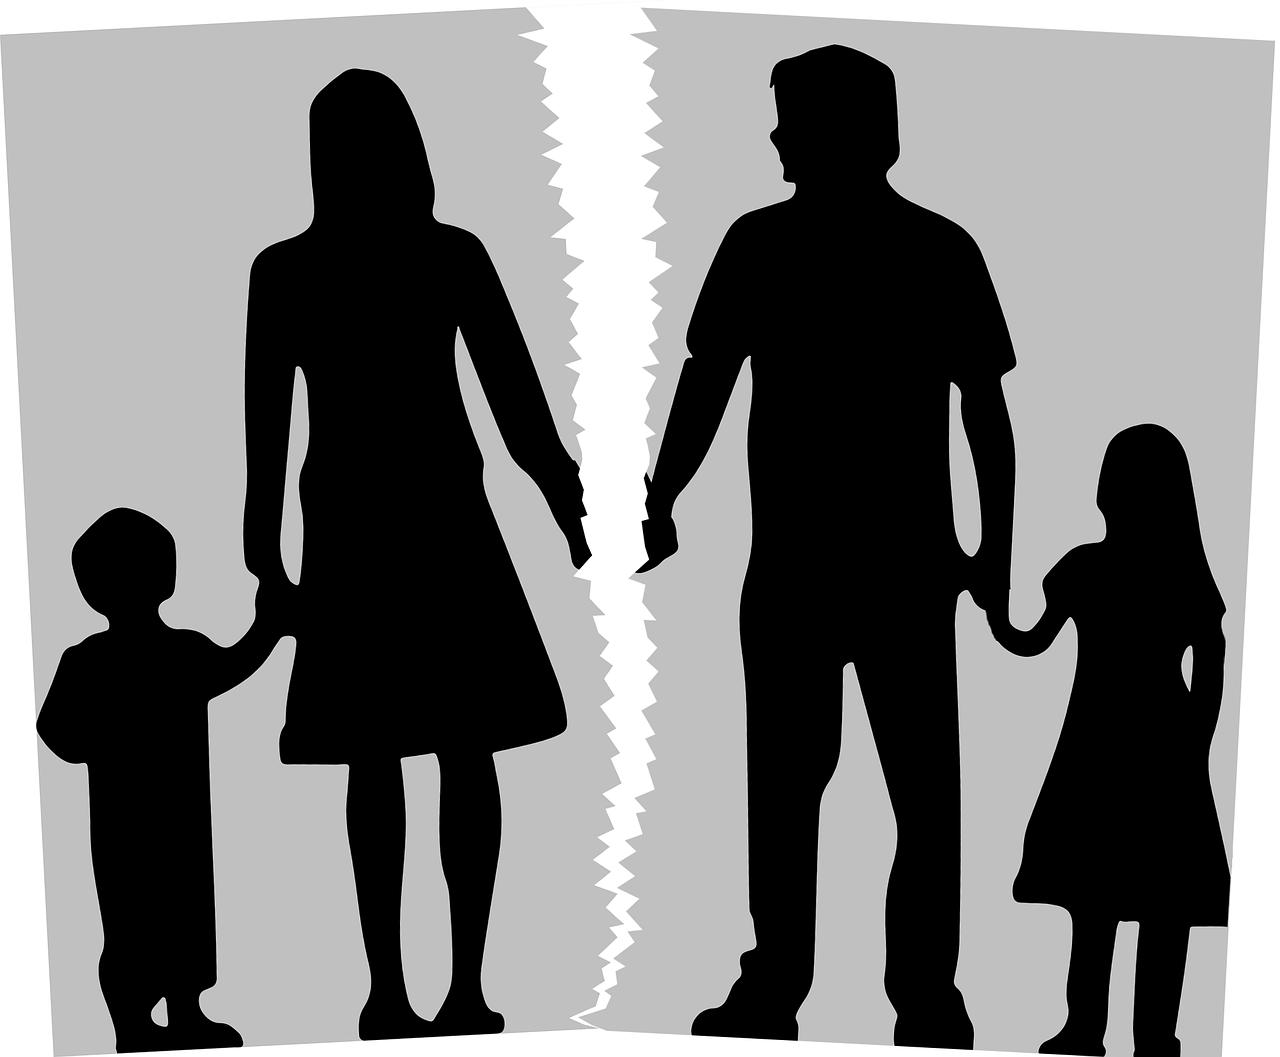 離婚するけど養育費を払いたくない!という主張は認められますか